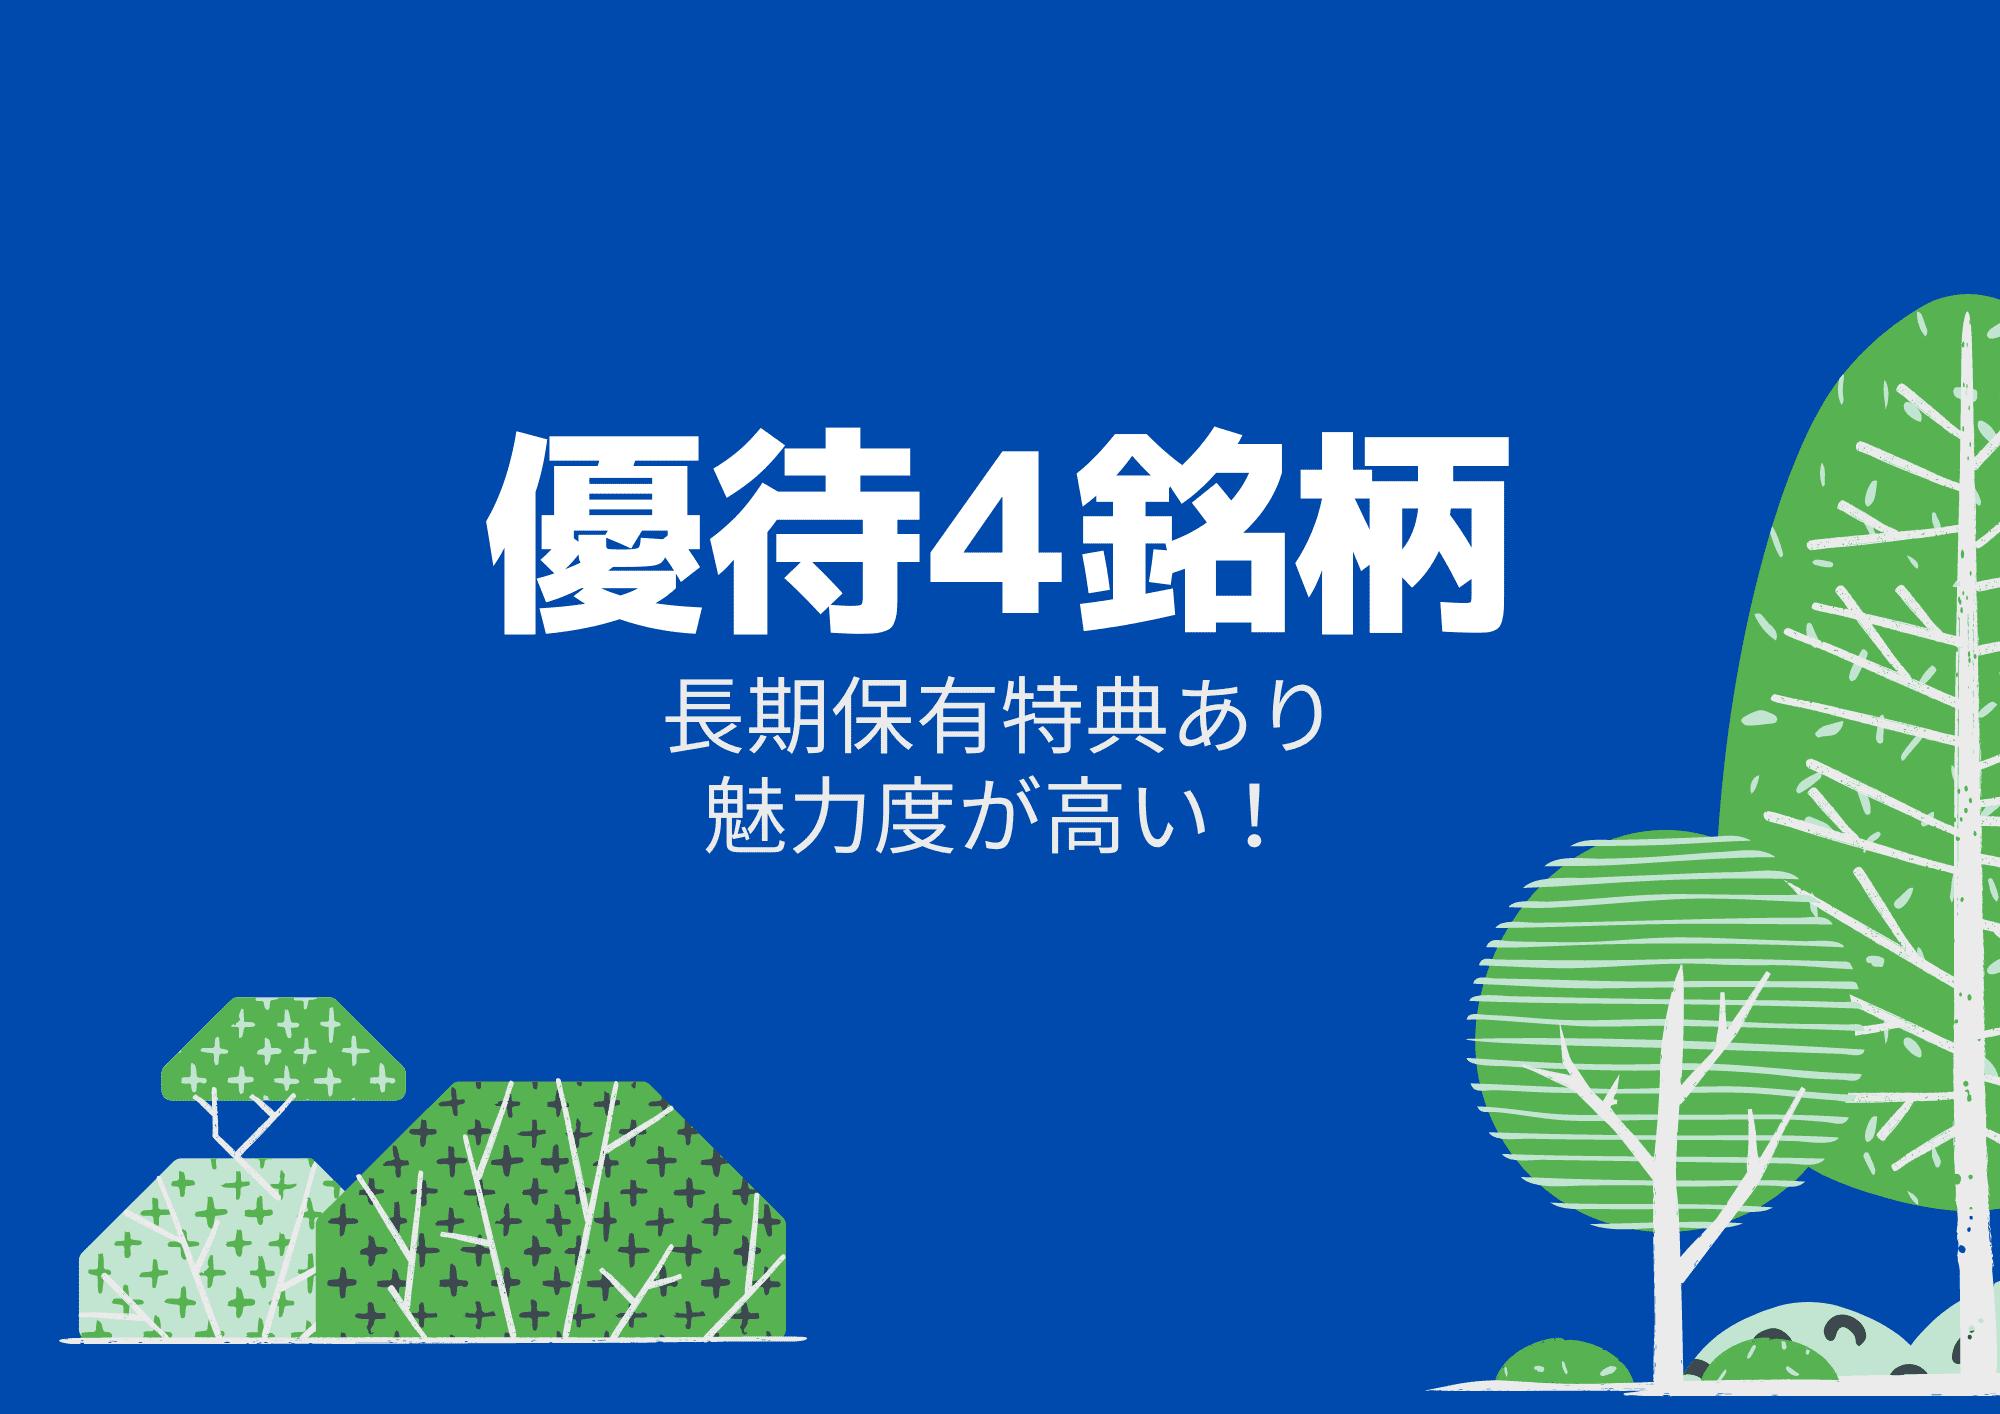 長期保有特典 株主優待 (1)